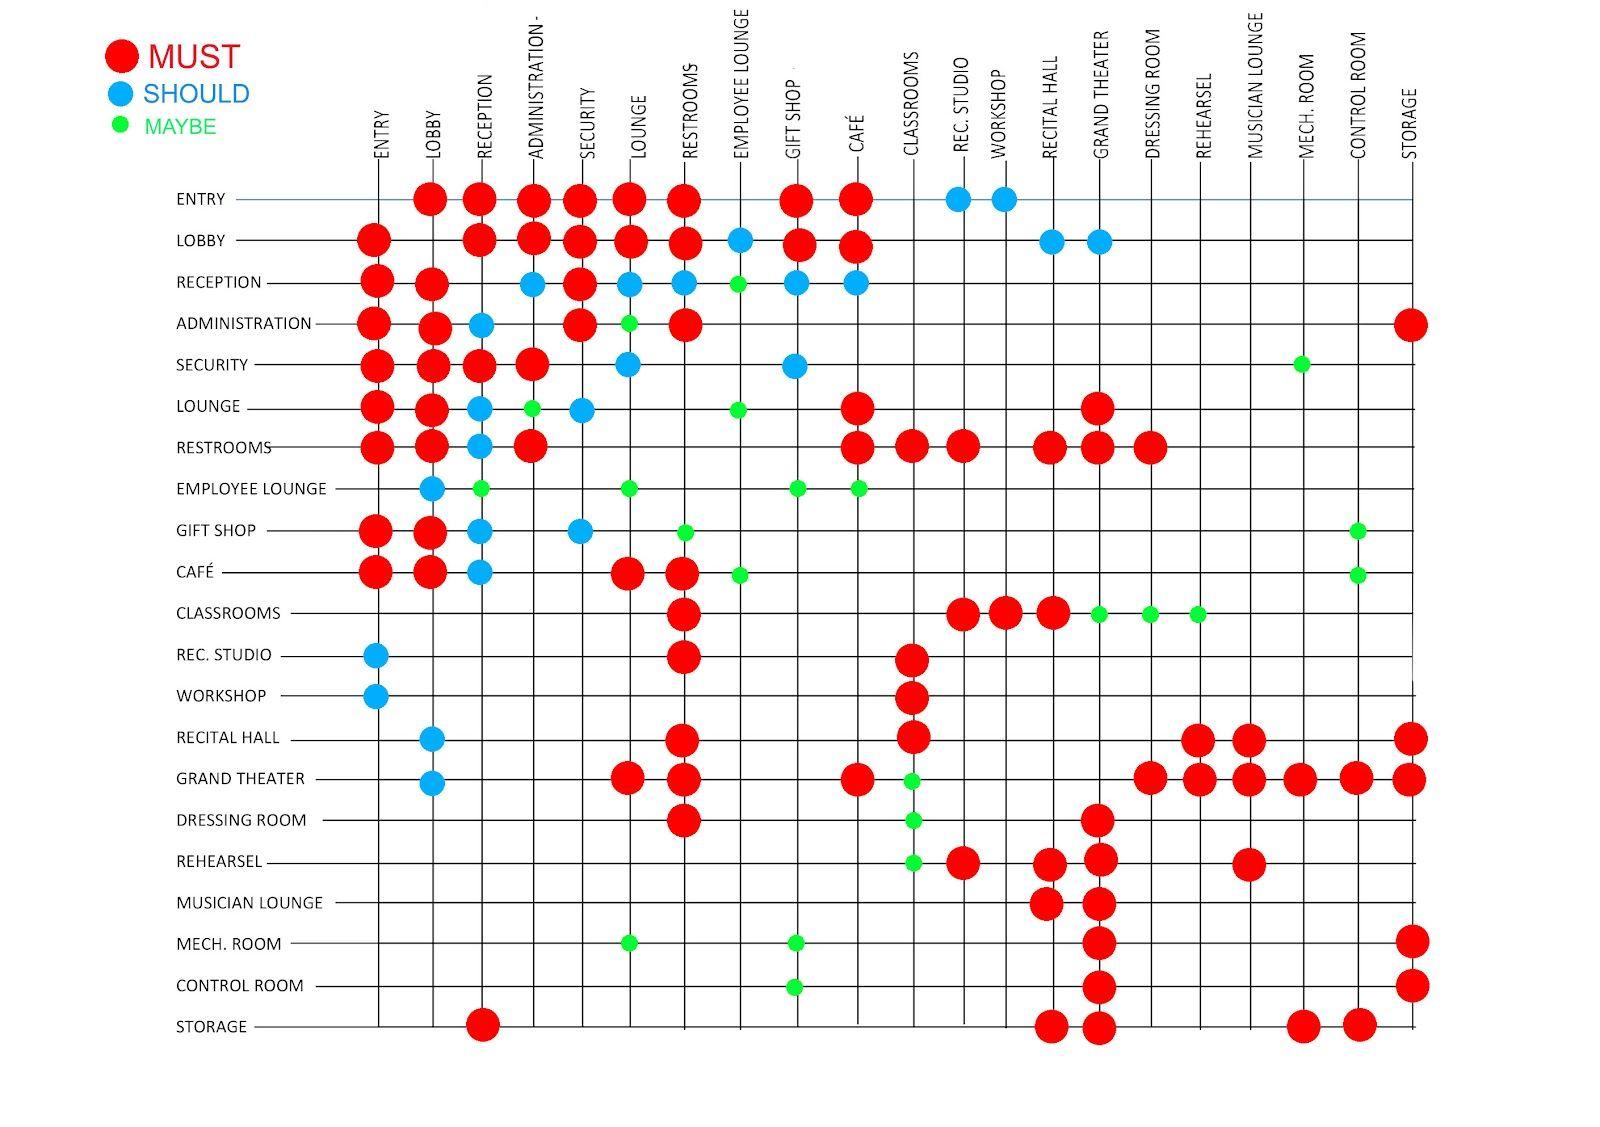 Oma diagrams buscar con google aesentation pinterest oma diagrams buscar con google pooptronica Choice Image